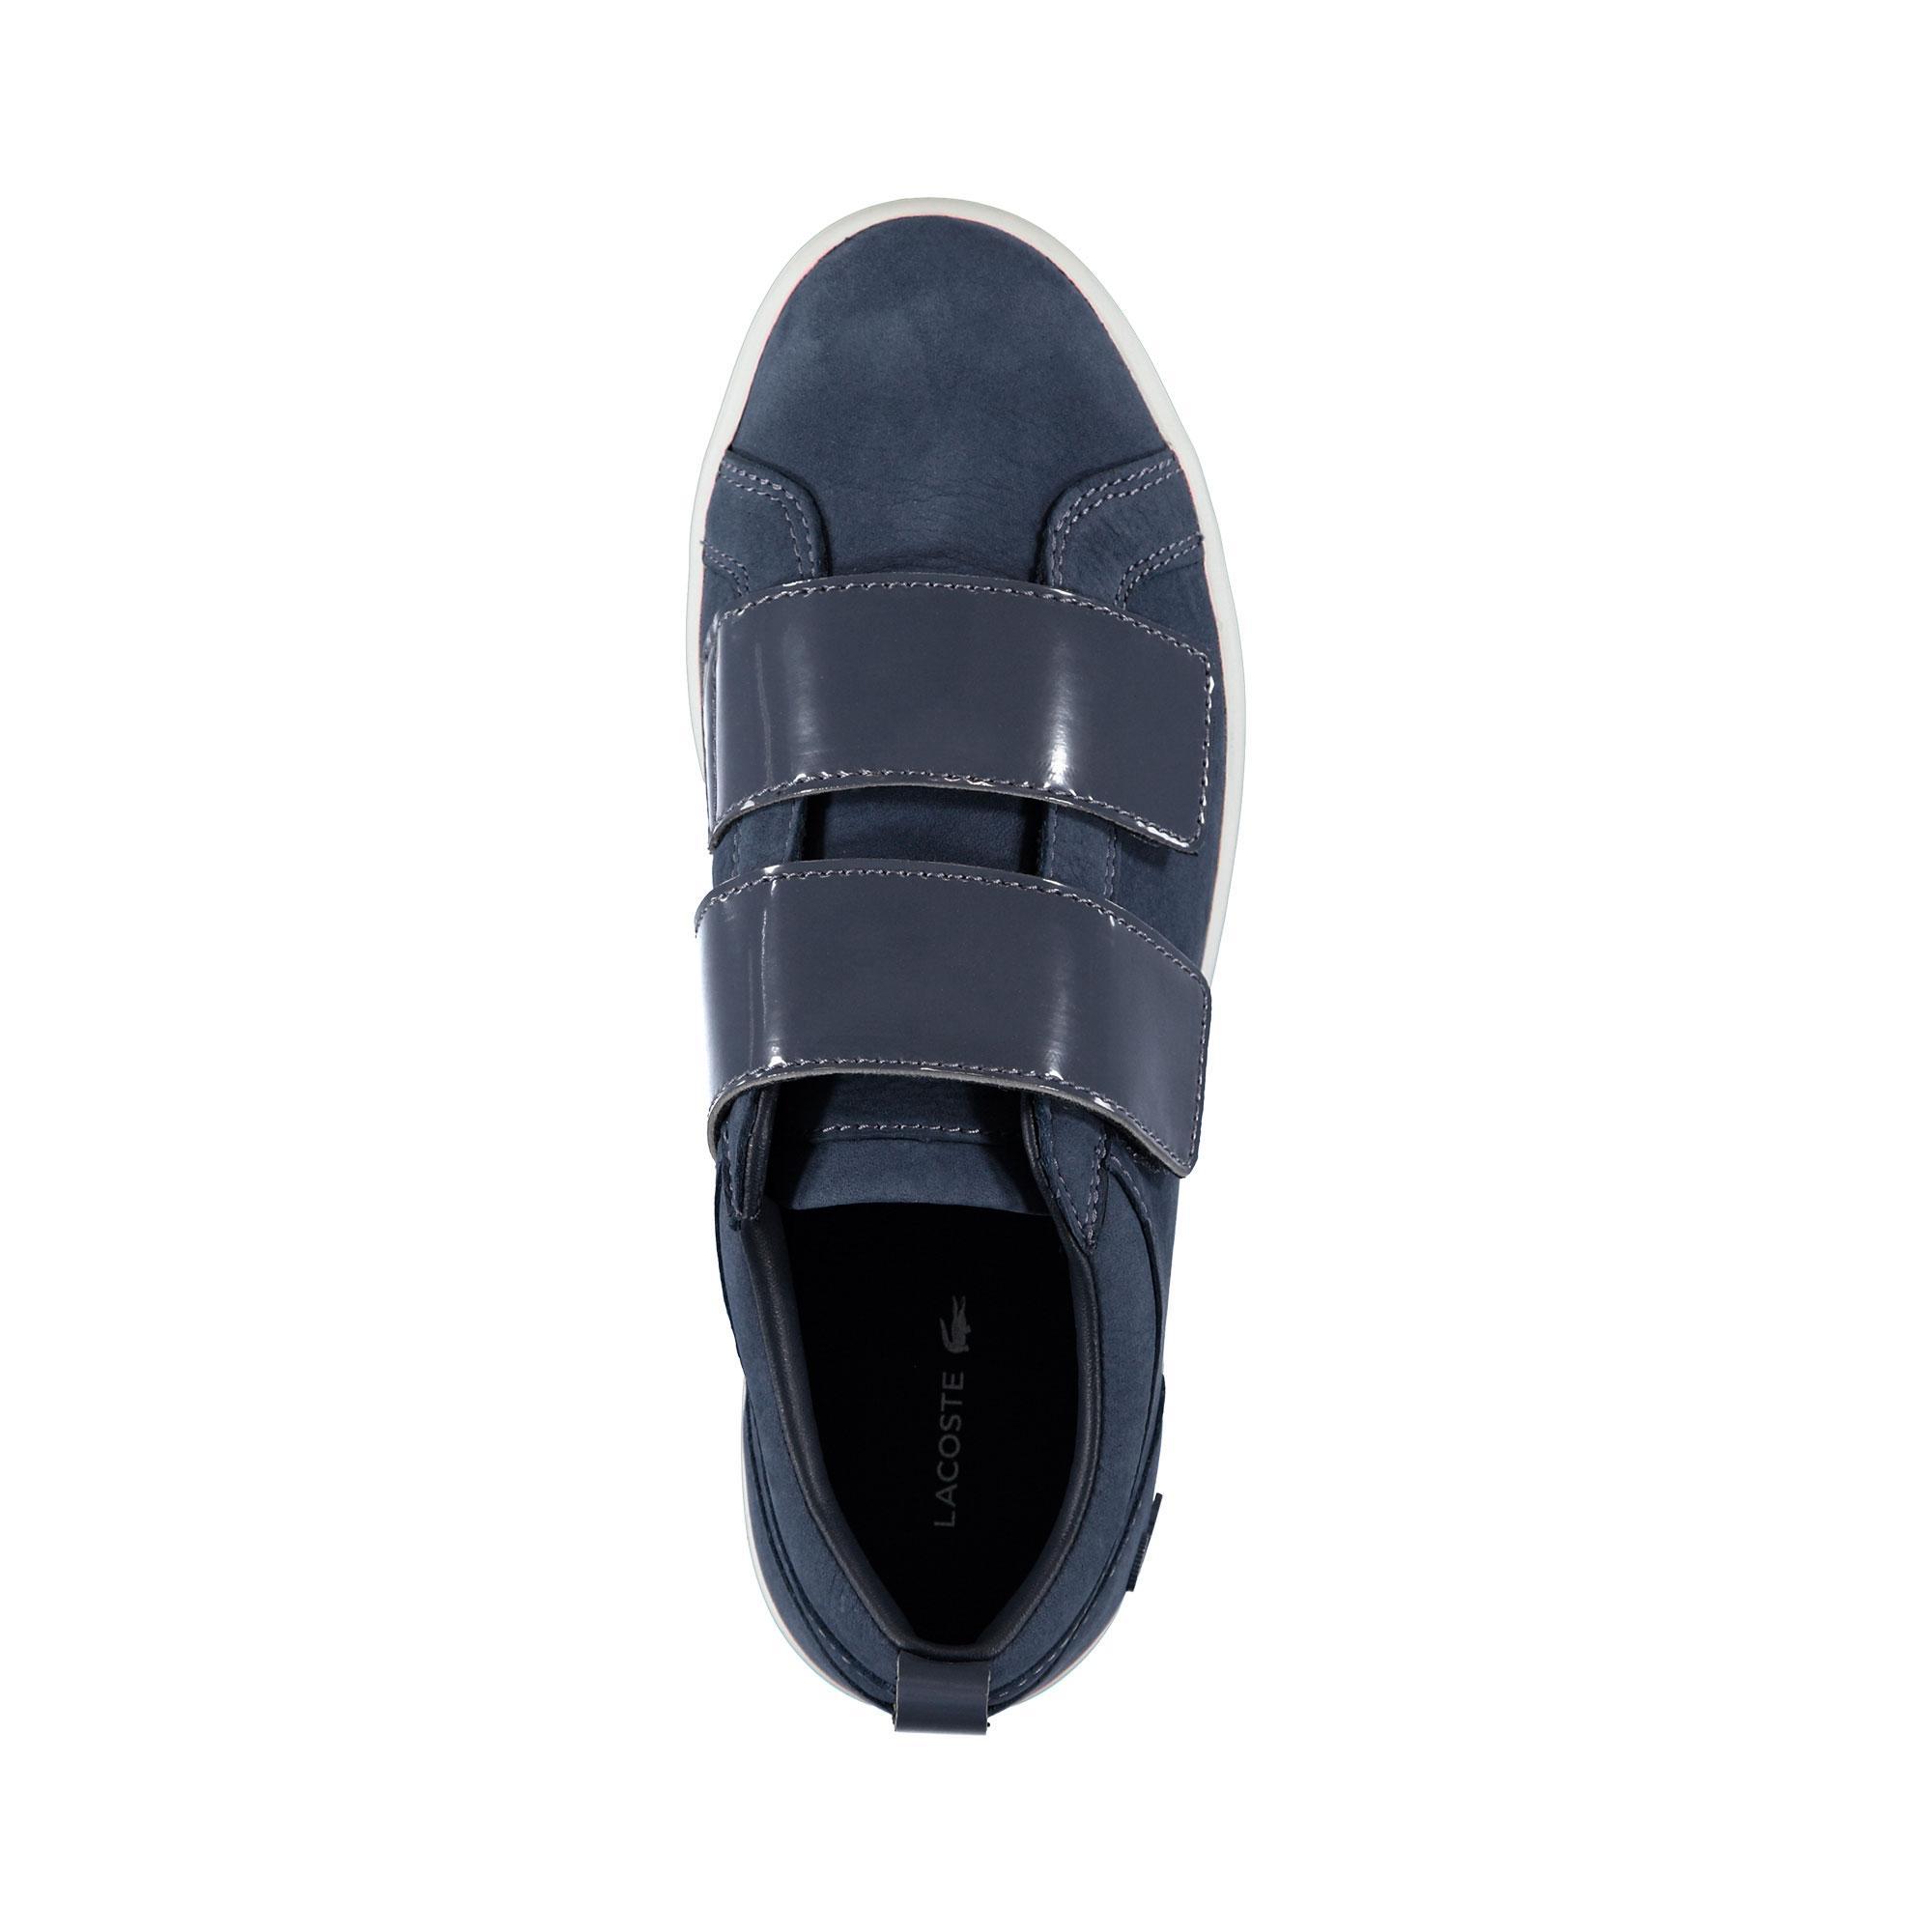 Lacoste Kadın Straightset Strap 3181 Mavi Sneaker